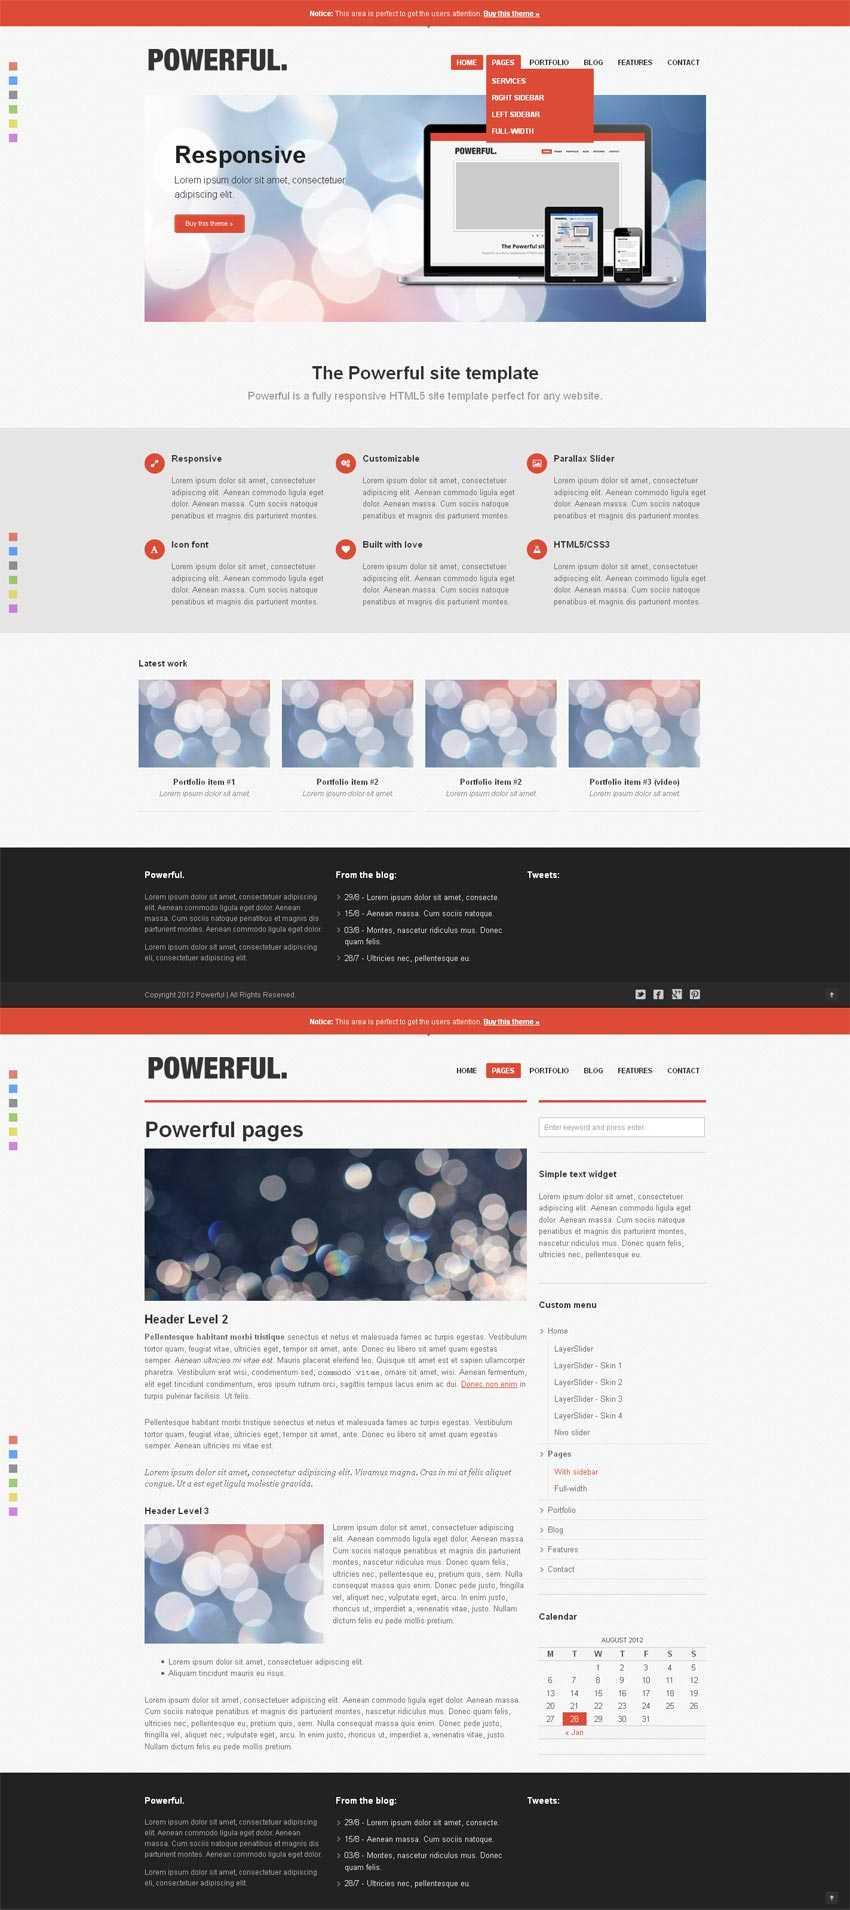 扁平风格的设计师博客网站响应式布局模板html整站下载